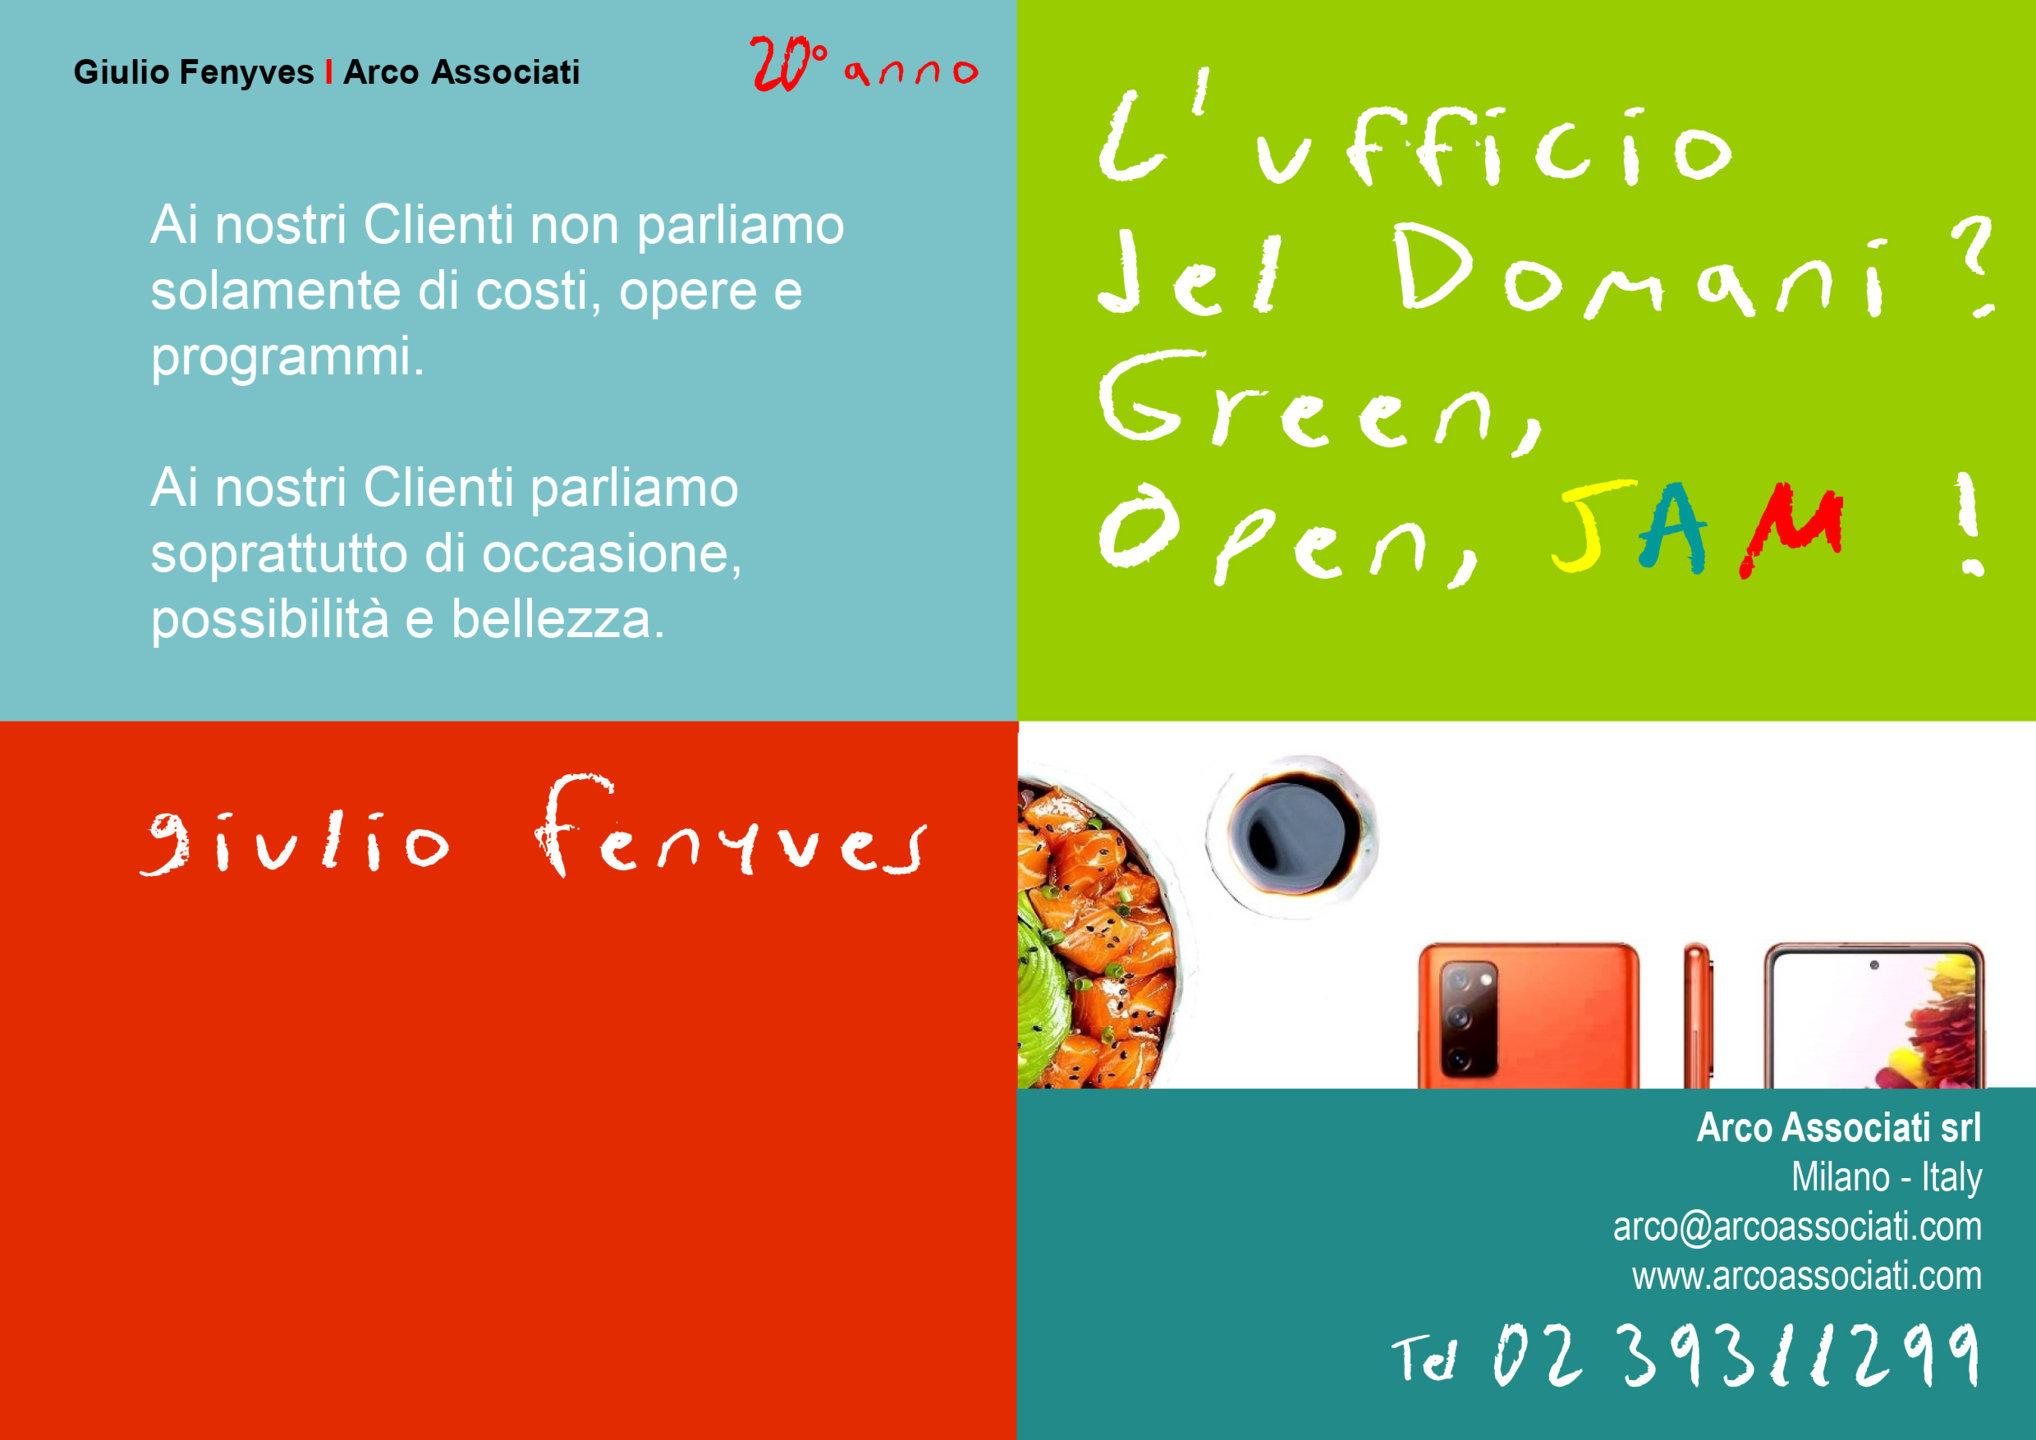 Arco Associati - L'ufficio del domani? Green, Open, JAM!